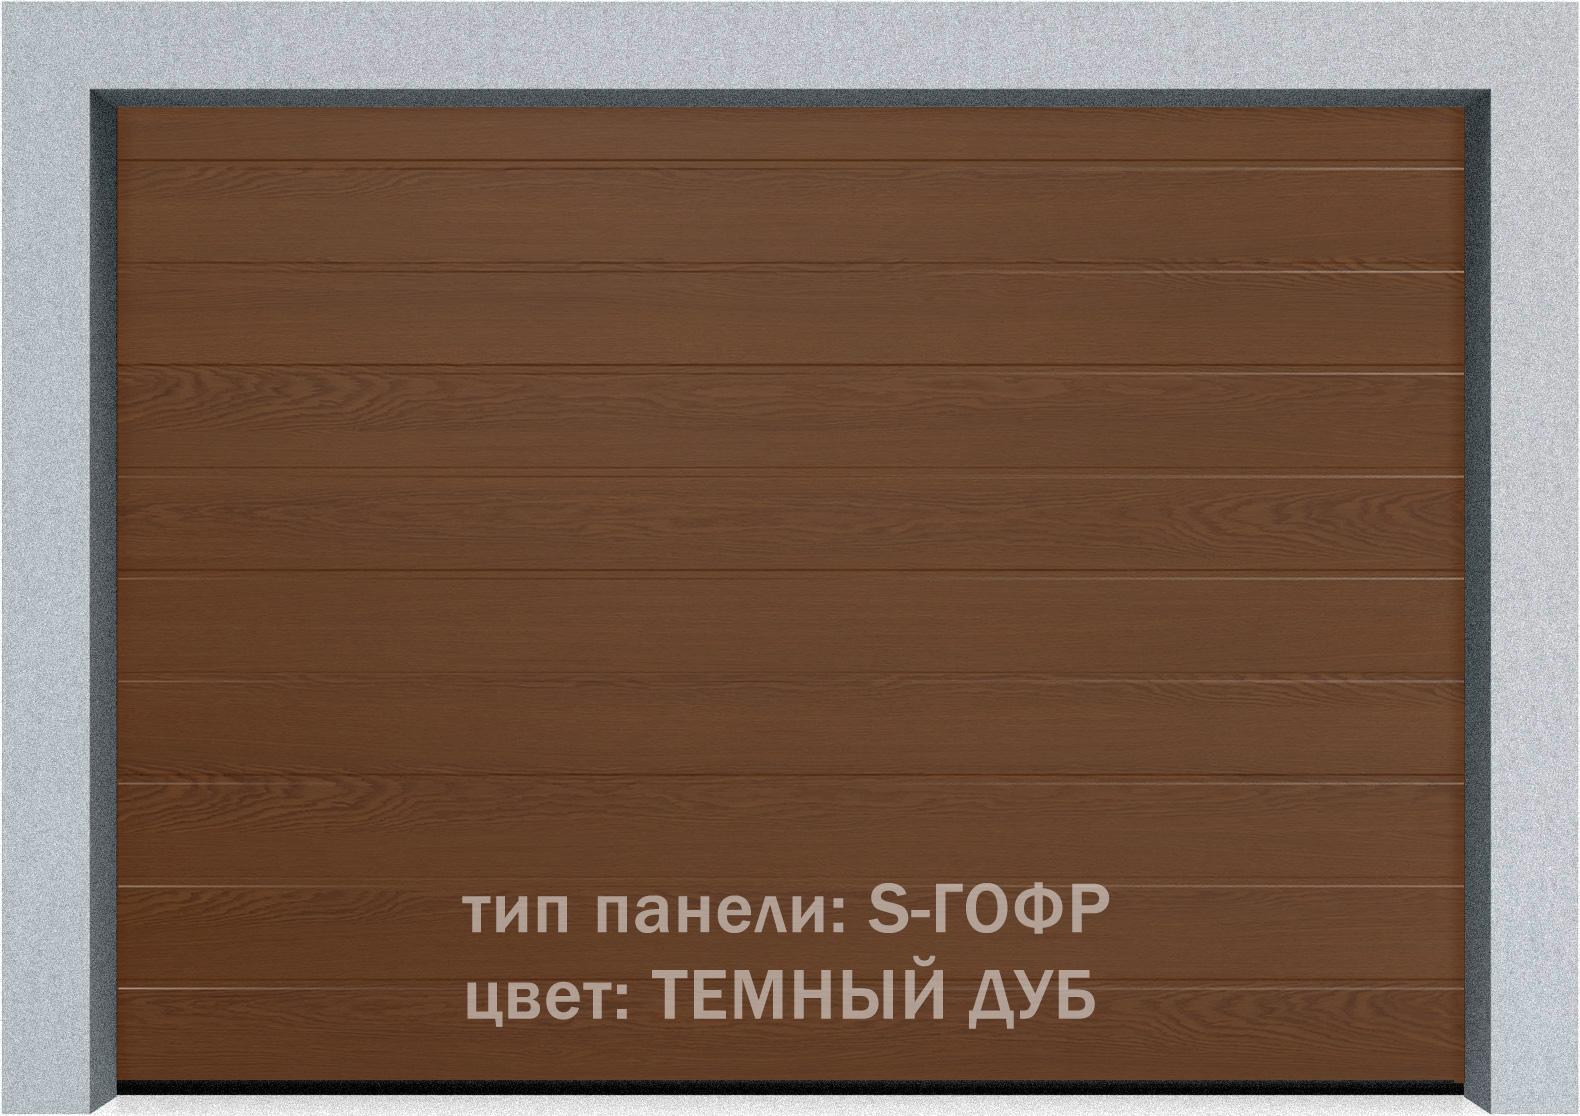 Секционные гаражные ворота Alutech Prestige 6000х3250 S-гофр, M-гофр, L-гофр цвета под дерево, торсионные пружины, фото 5